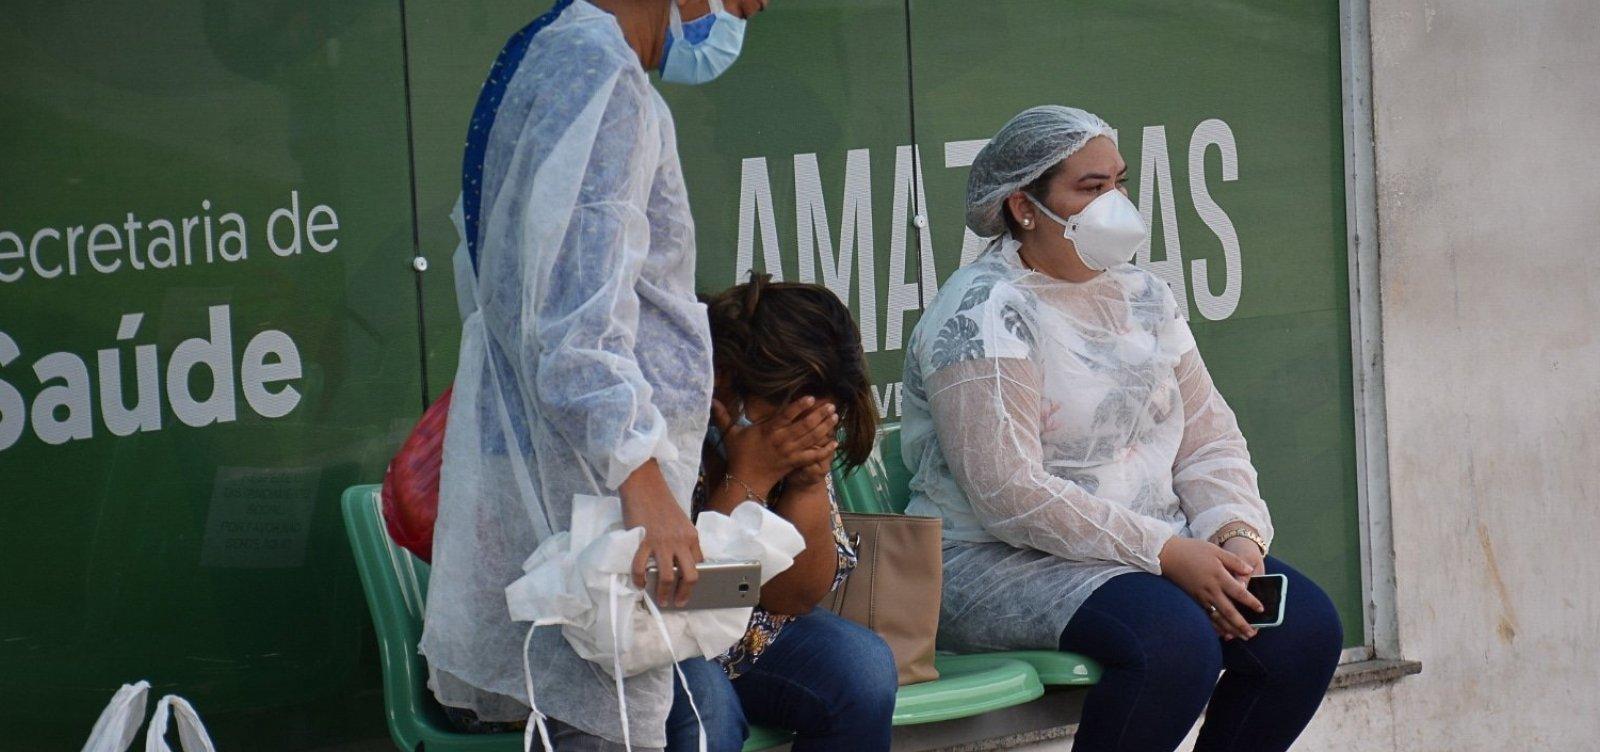 Governo Bolsonaro ignorou série de alertas sobre falta de oxigênio em Manaus